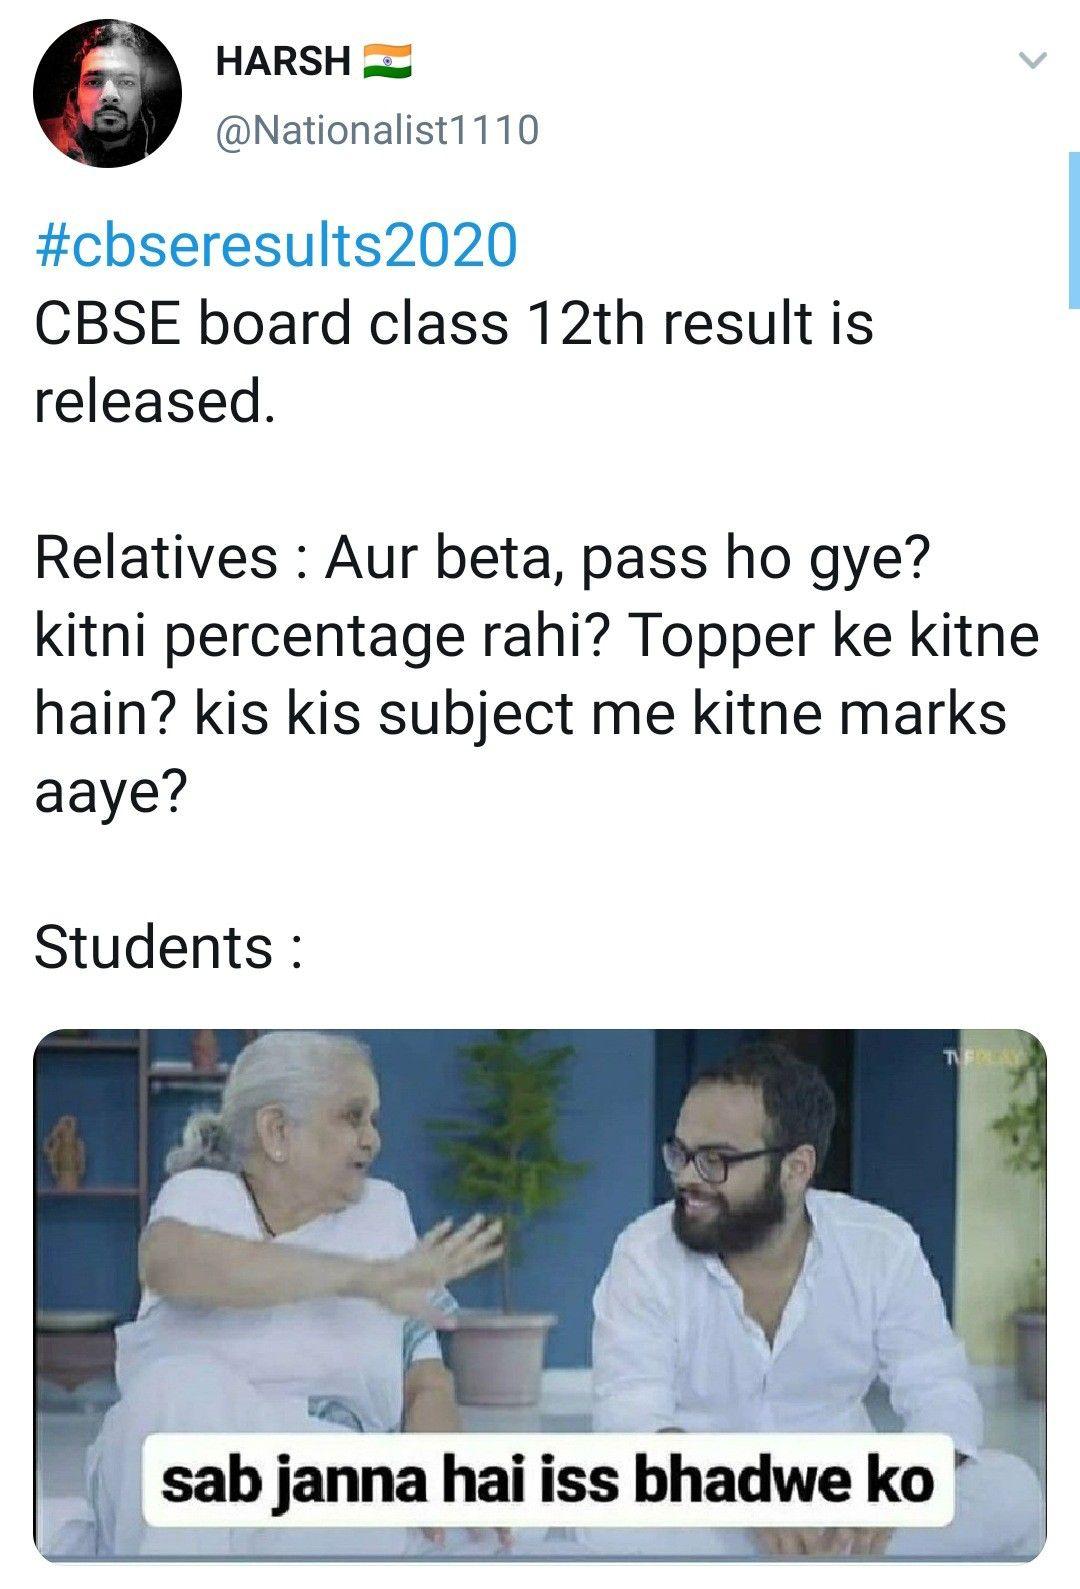 School Meme Cbse Result Meme Class 12th Funny Memes Funny Indian Memes Hindi Memes Funny Memes School Memes Karen Memes